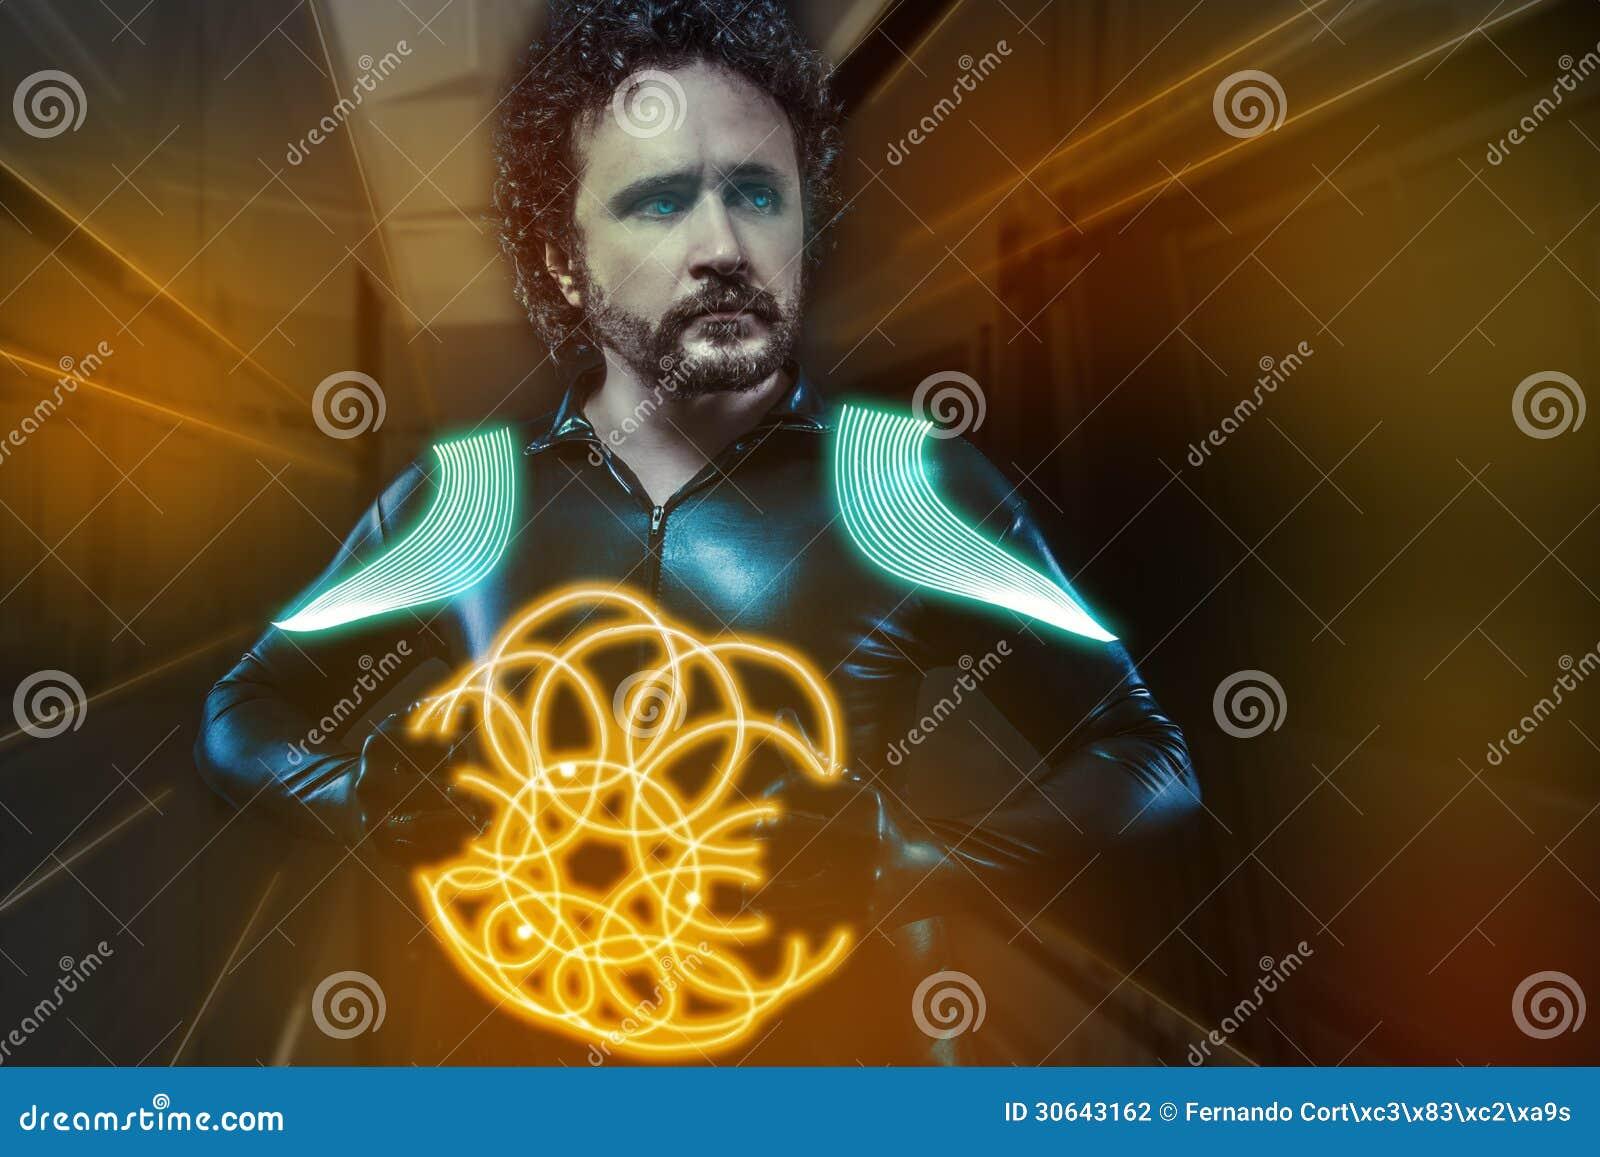 Futur soldat, costume de latex de guerrier et arme futuriste, oranges